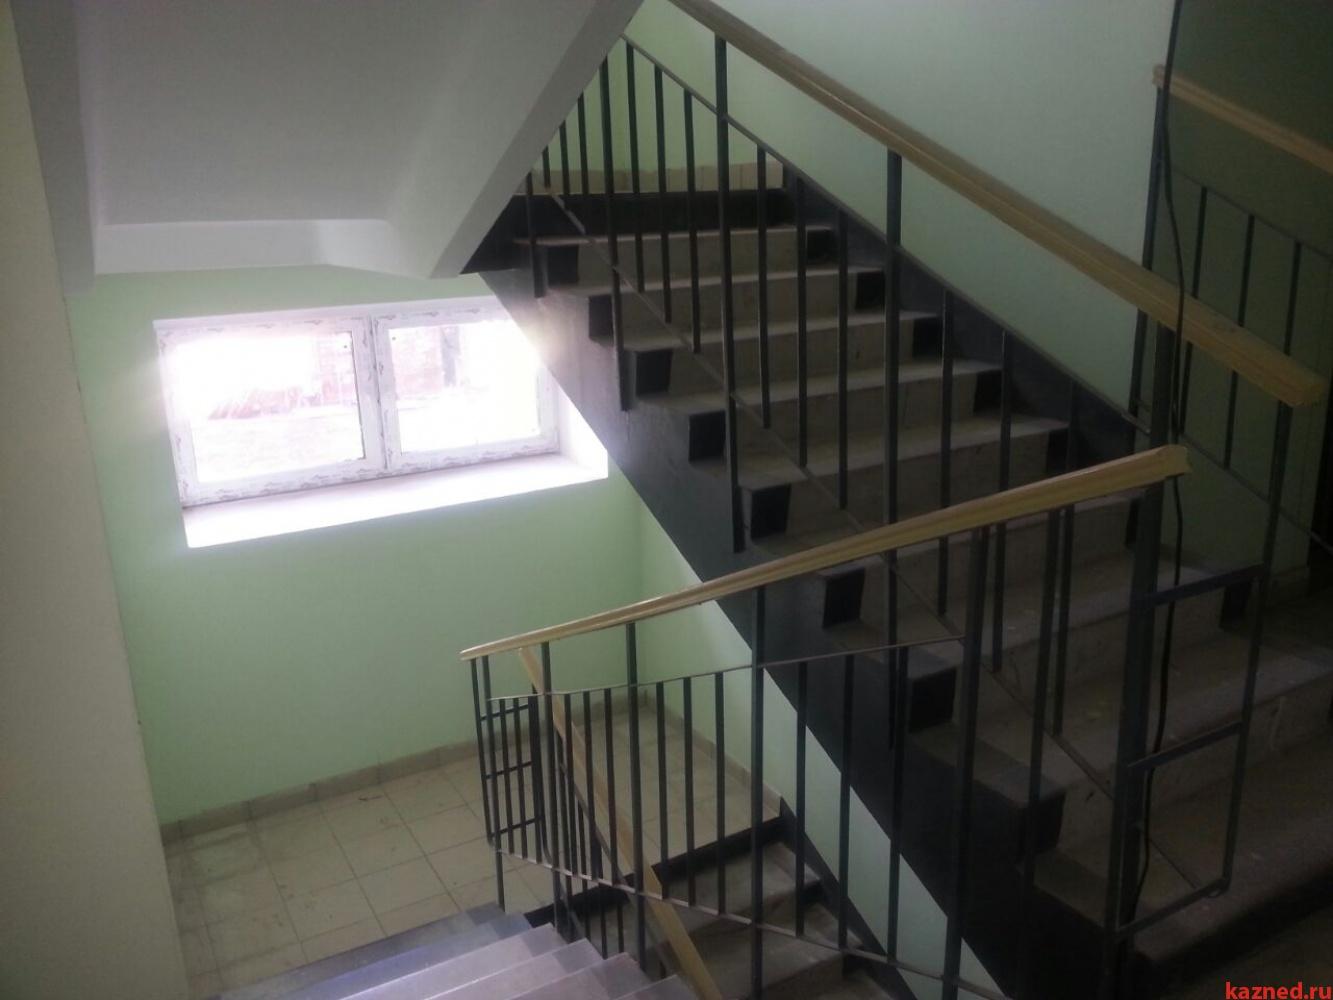 2-комнатная квартира ул. Гоголя, г. Зеленодольск (миниатюра №5)